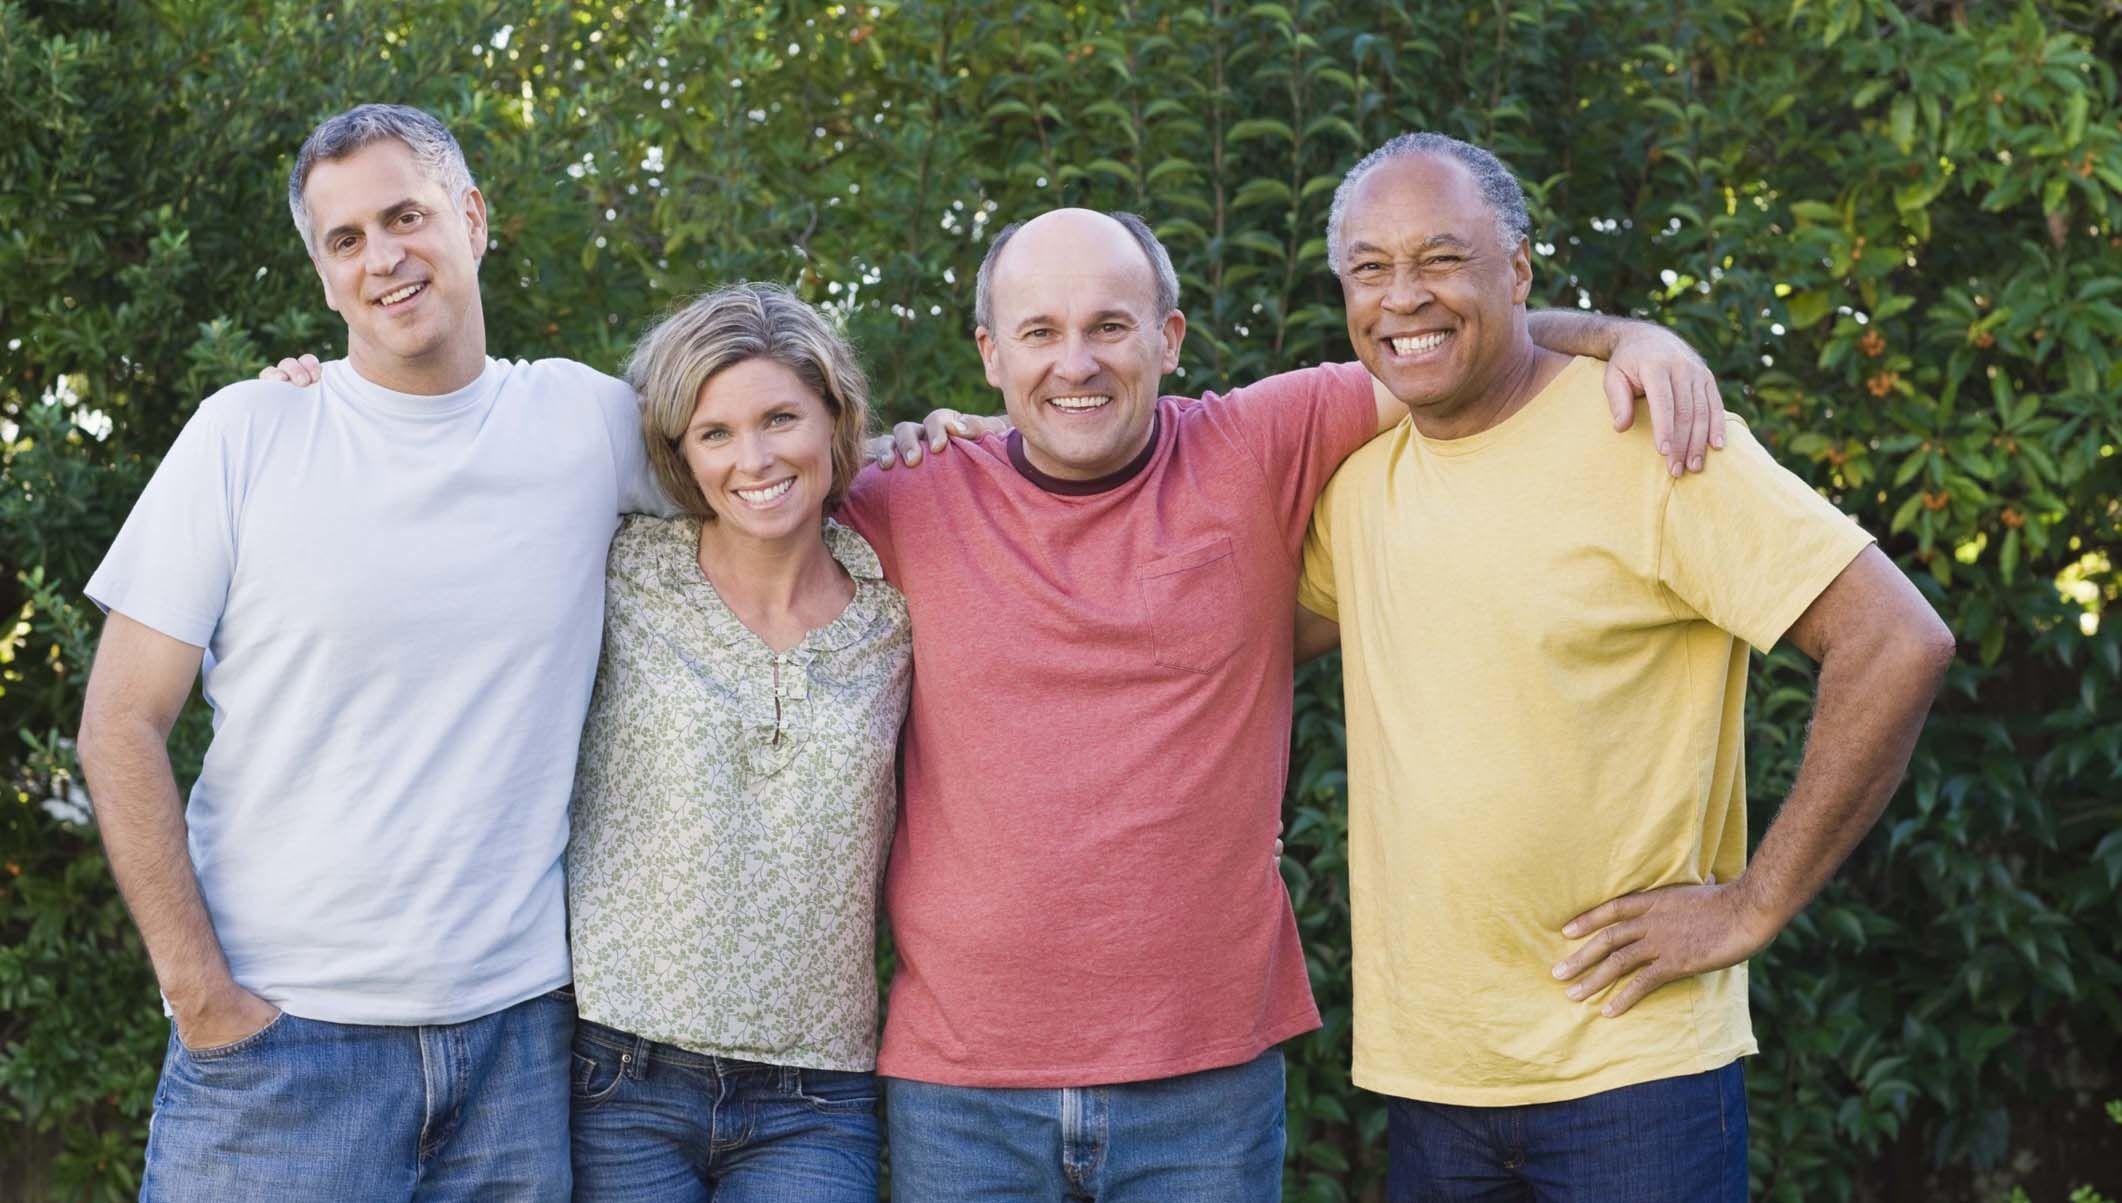 12 Diabetes Risk Factors